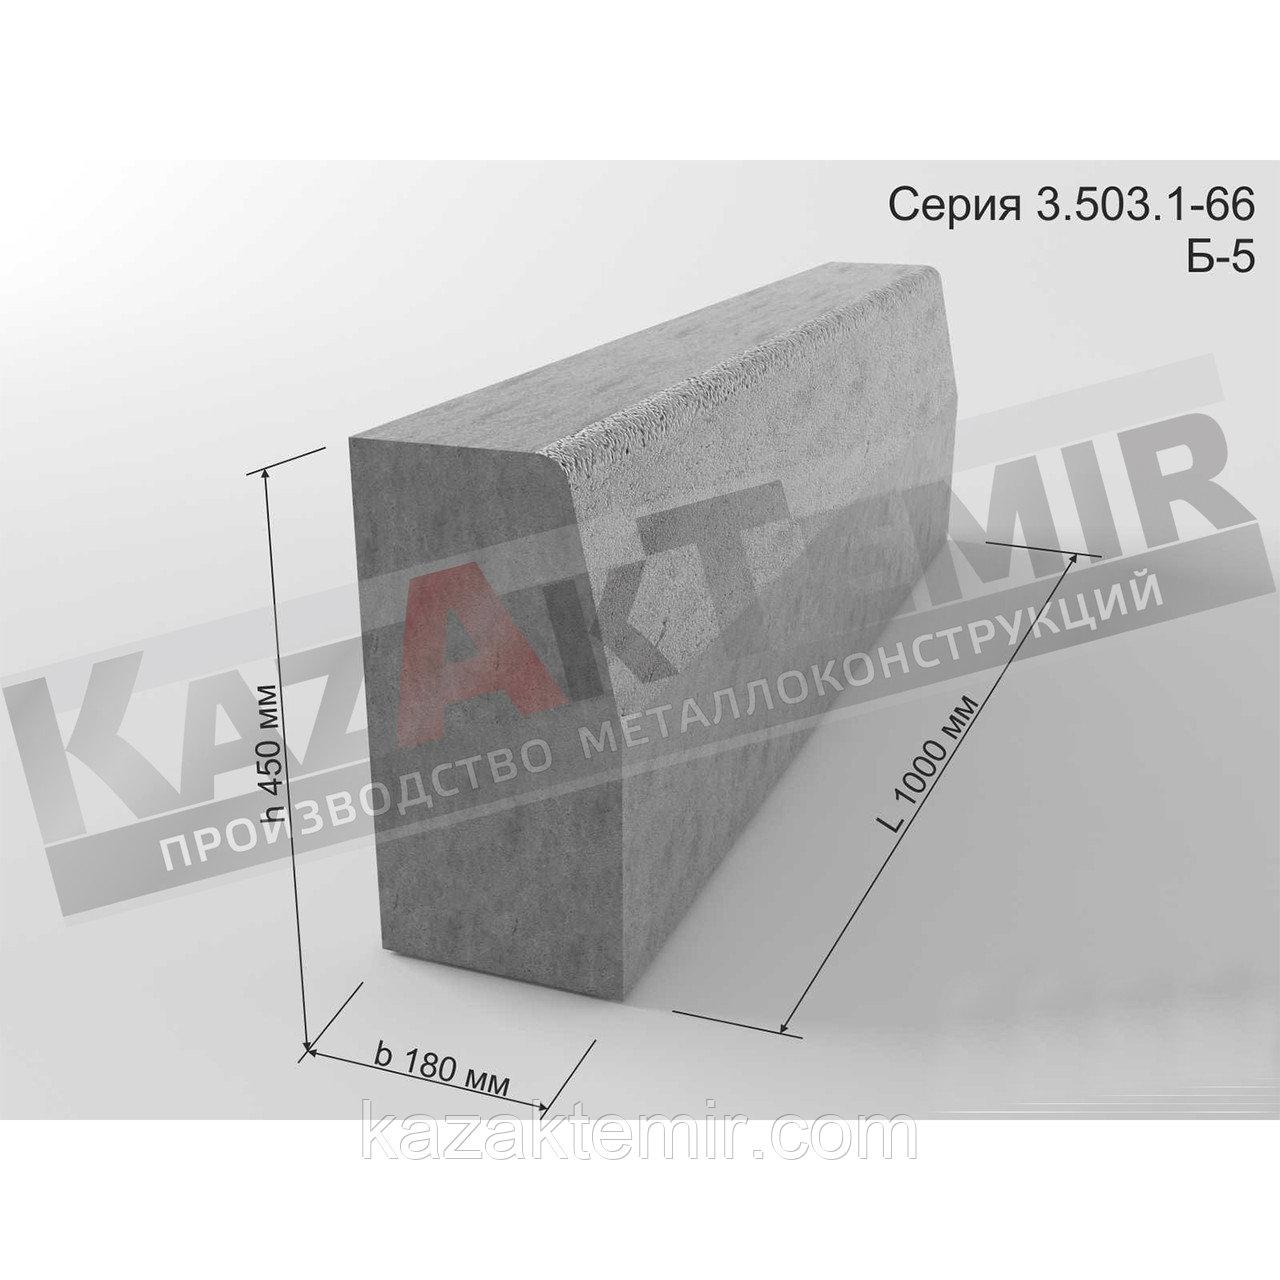 Б5 лоток кассетный (металлоформа) на 10 изделий